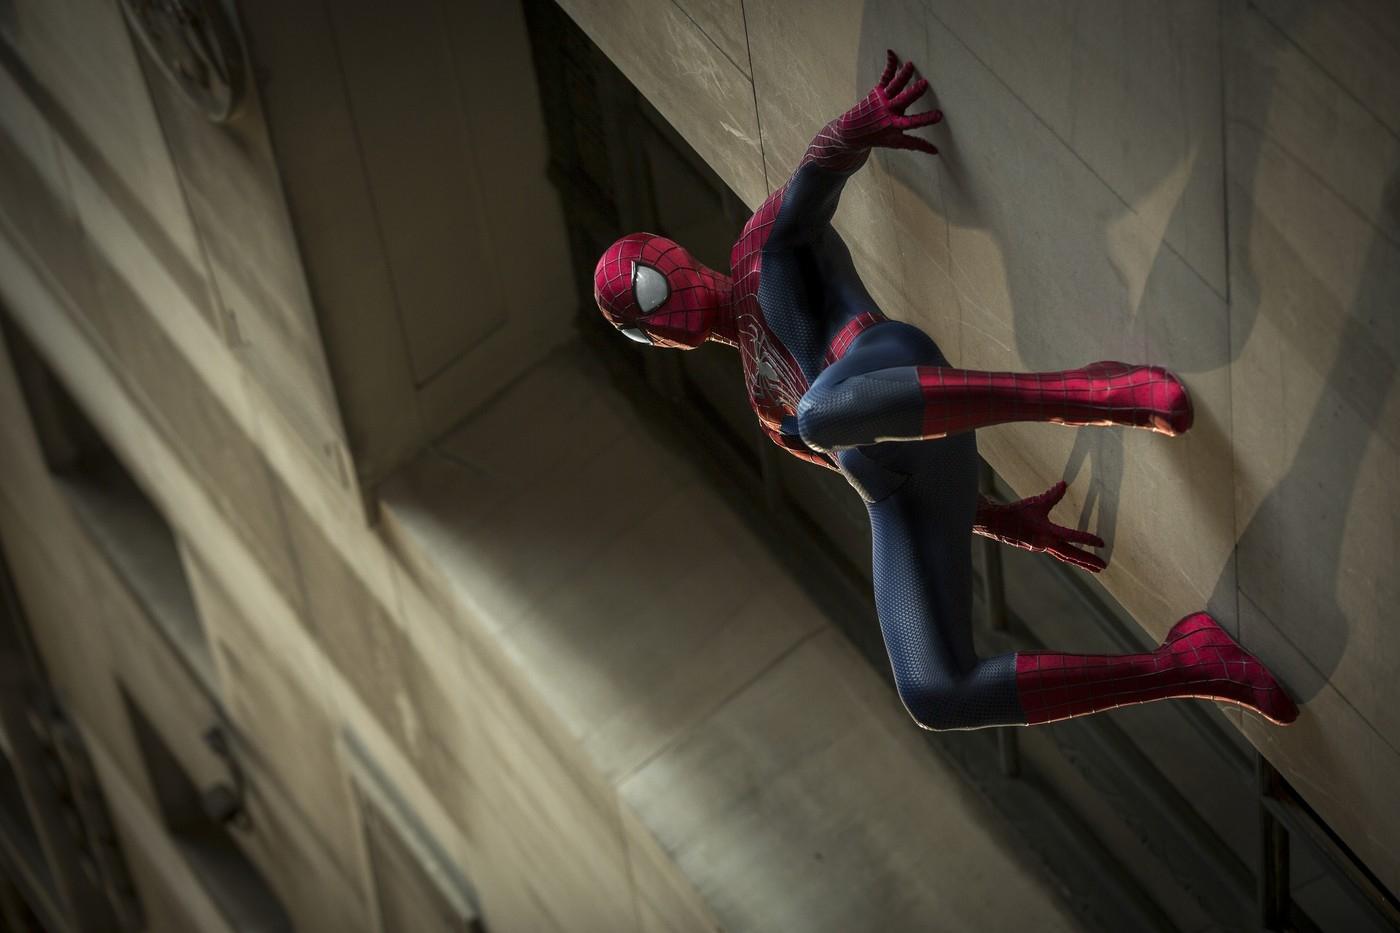 Chcete vidět, jak vypadá skutečný Spider-Man?